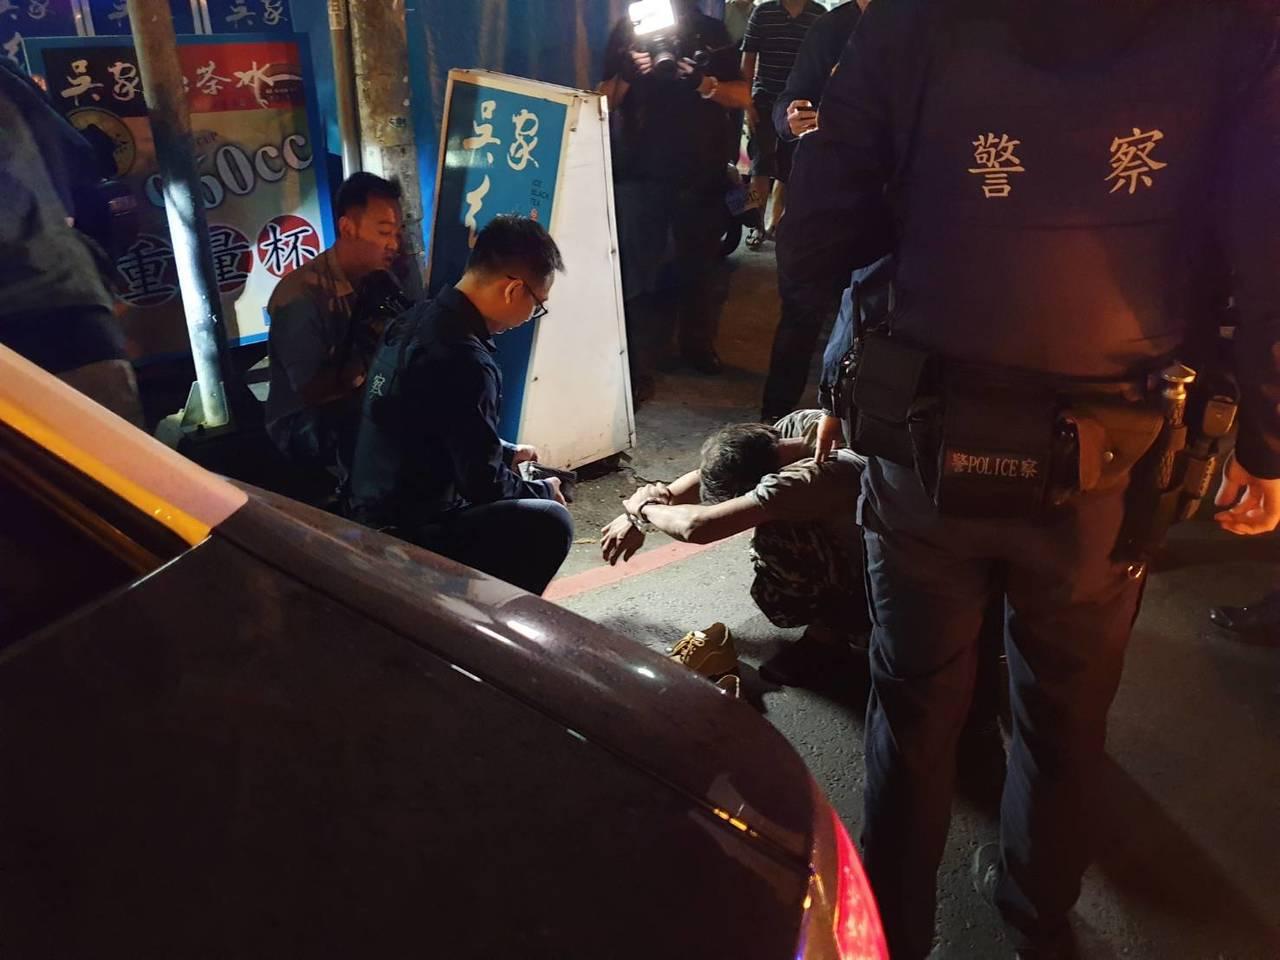 涉嫌偷竊電纜線的男子,以口罩遮住車牌被巡邏員警發現,追捕到案。記者王昭月/翻攝